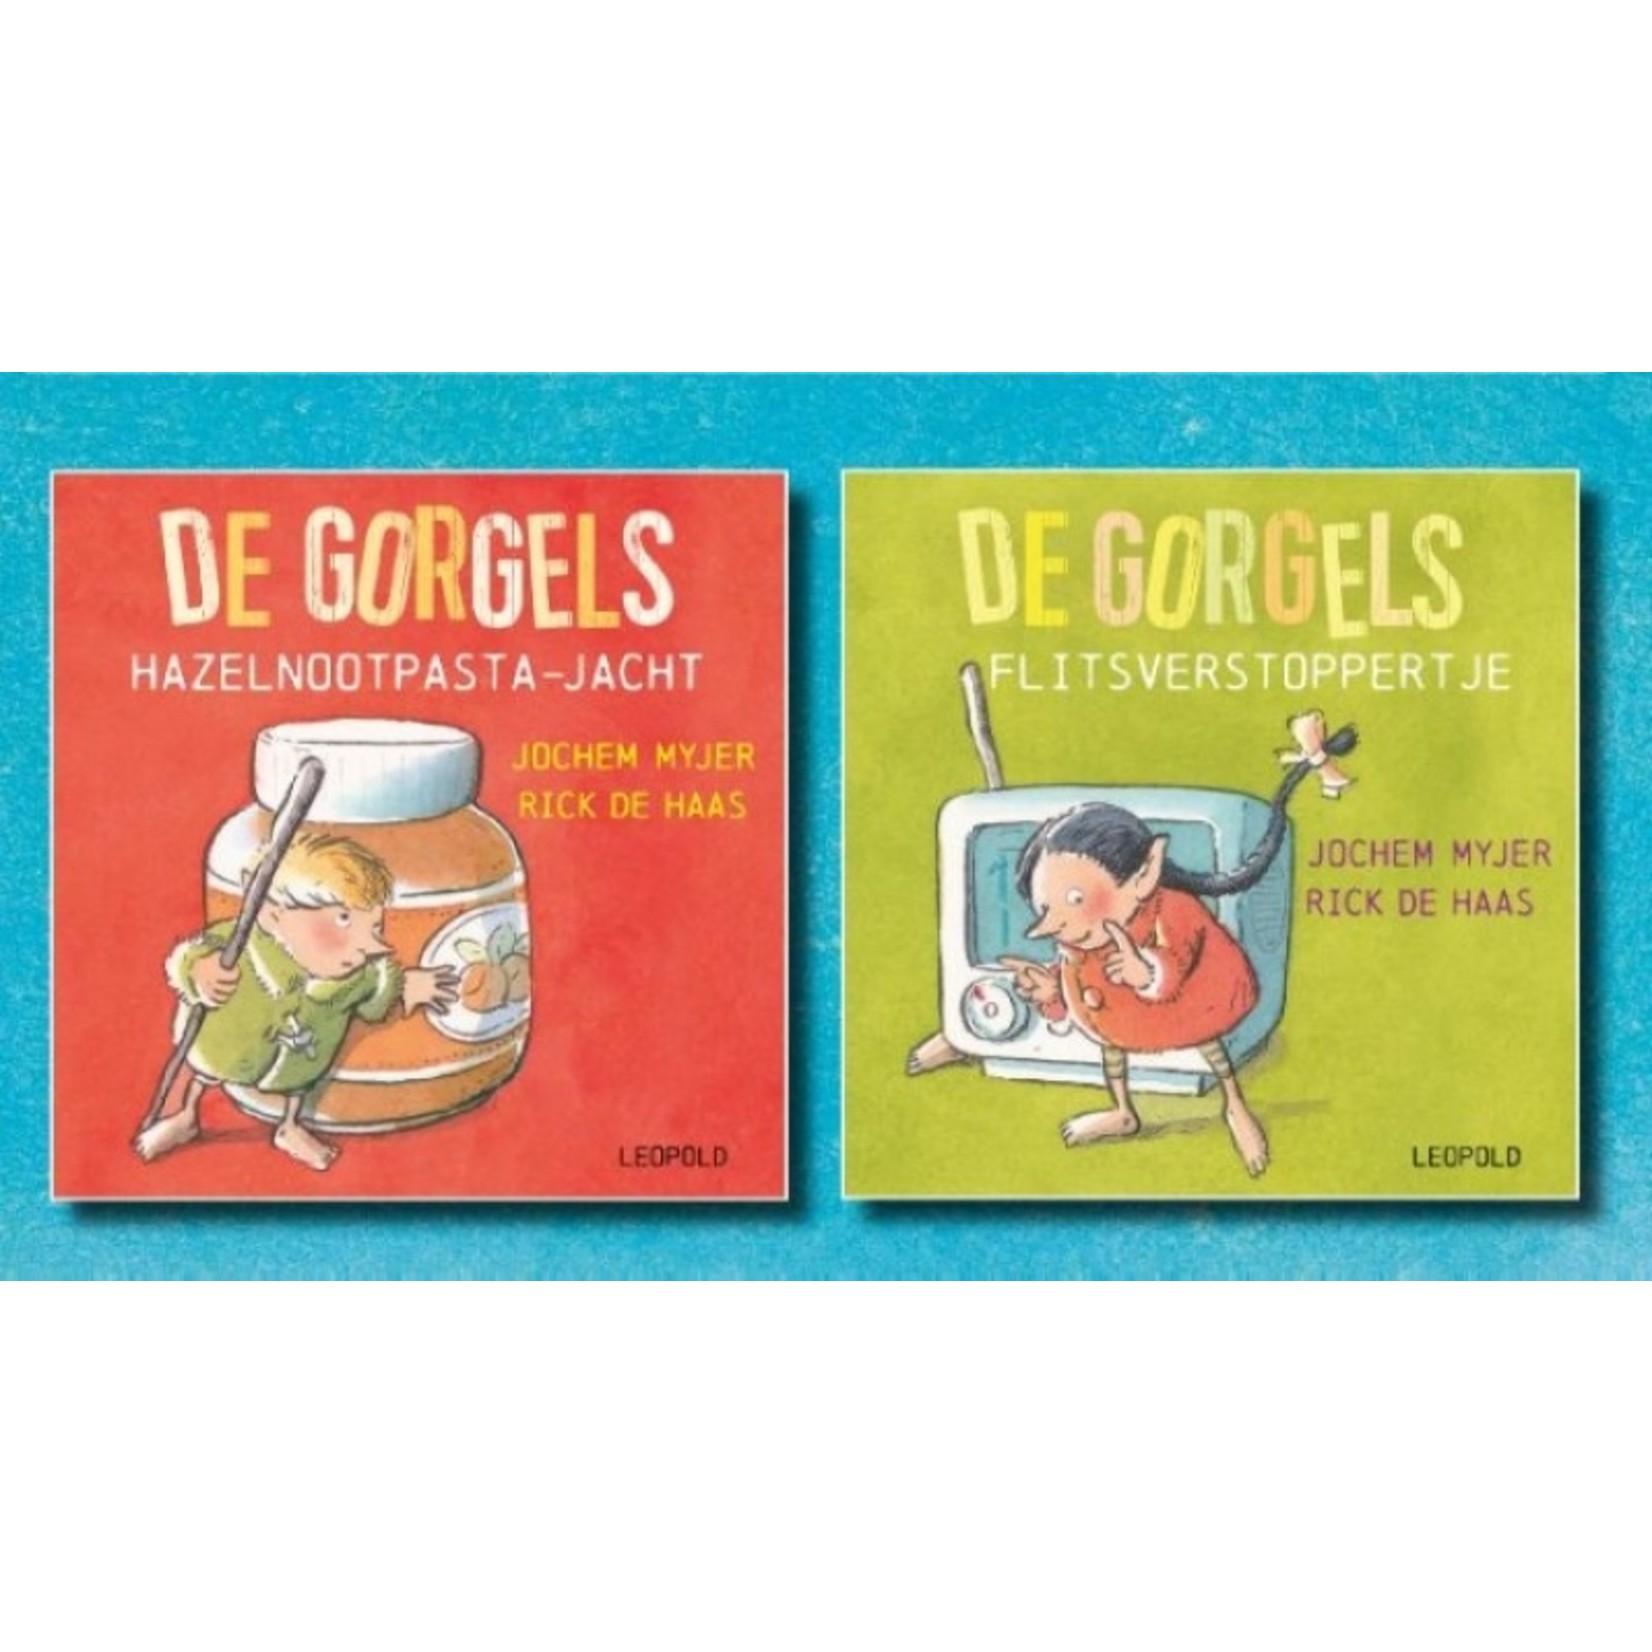 Leopold De Gorgels - uitdeelboekjes